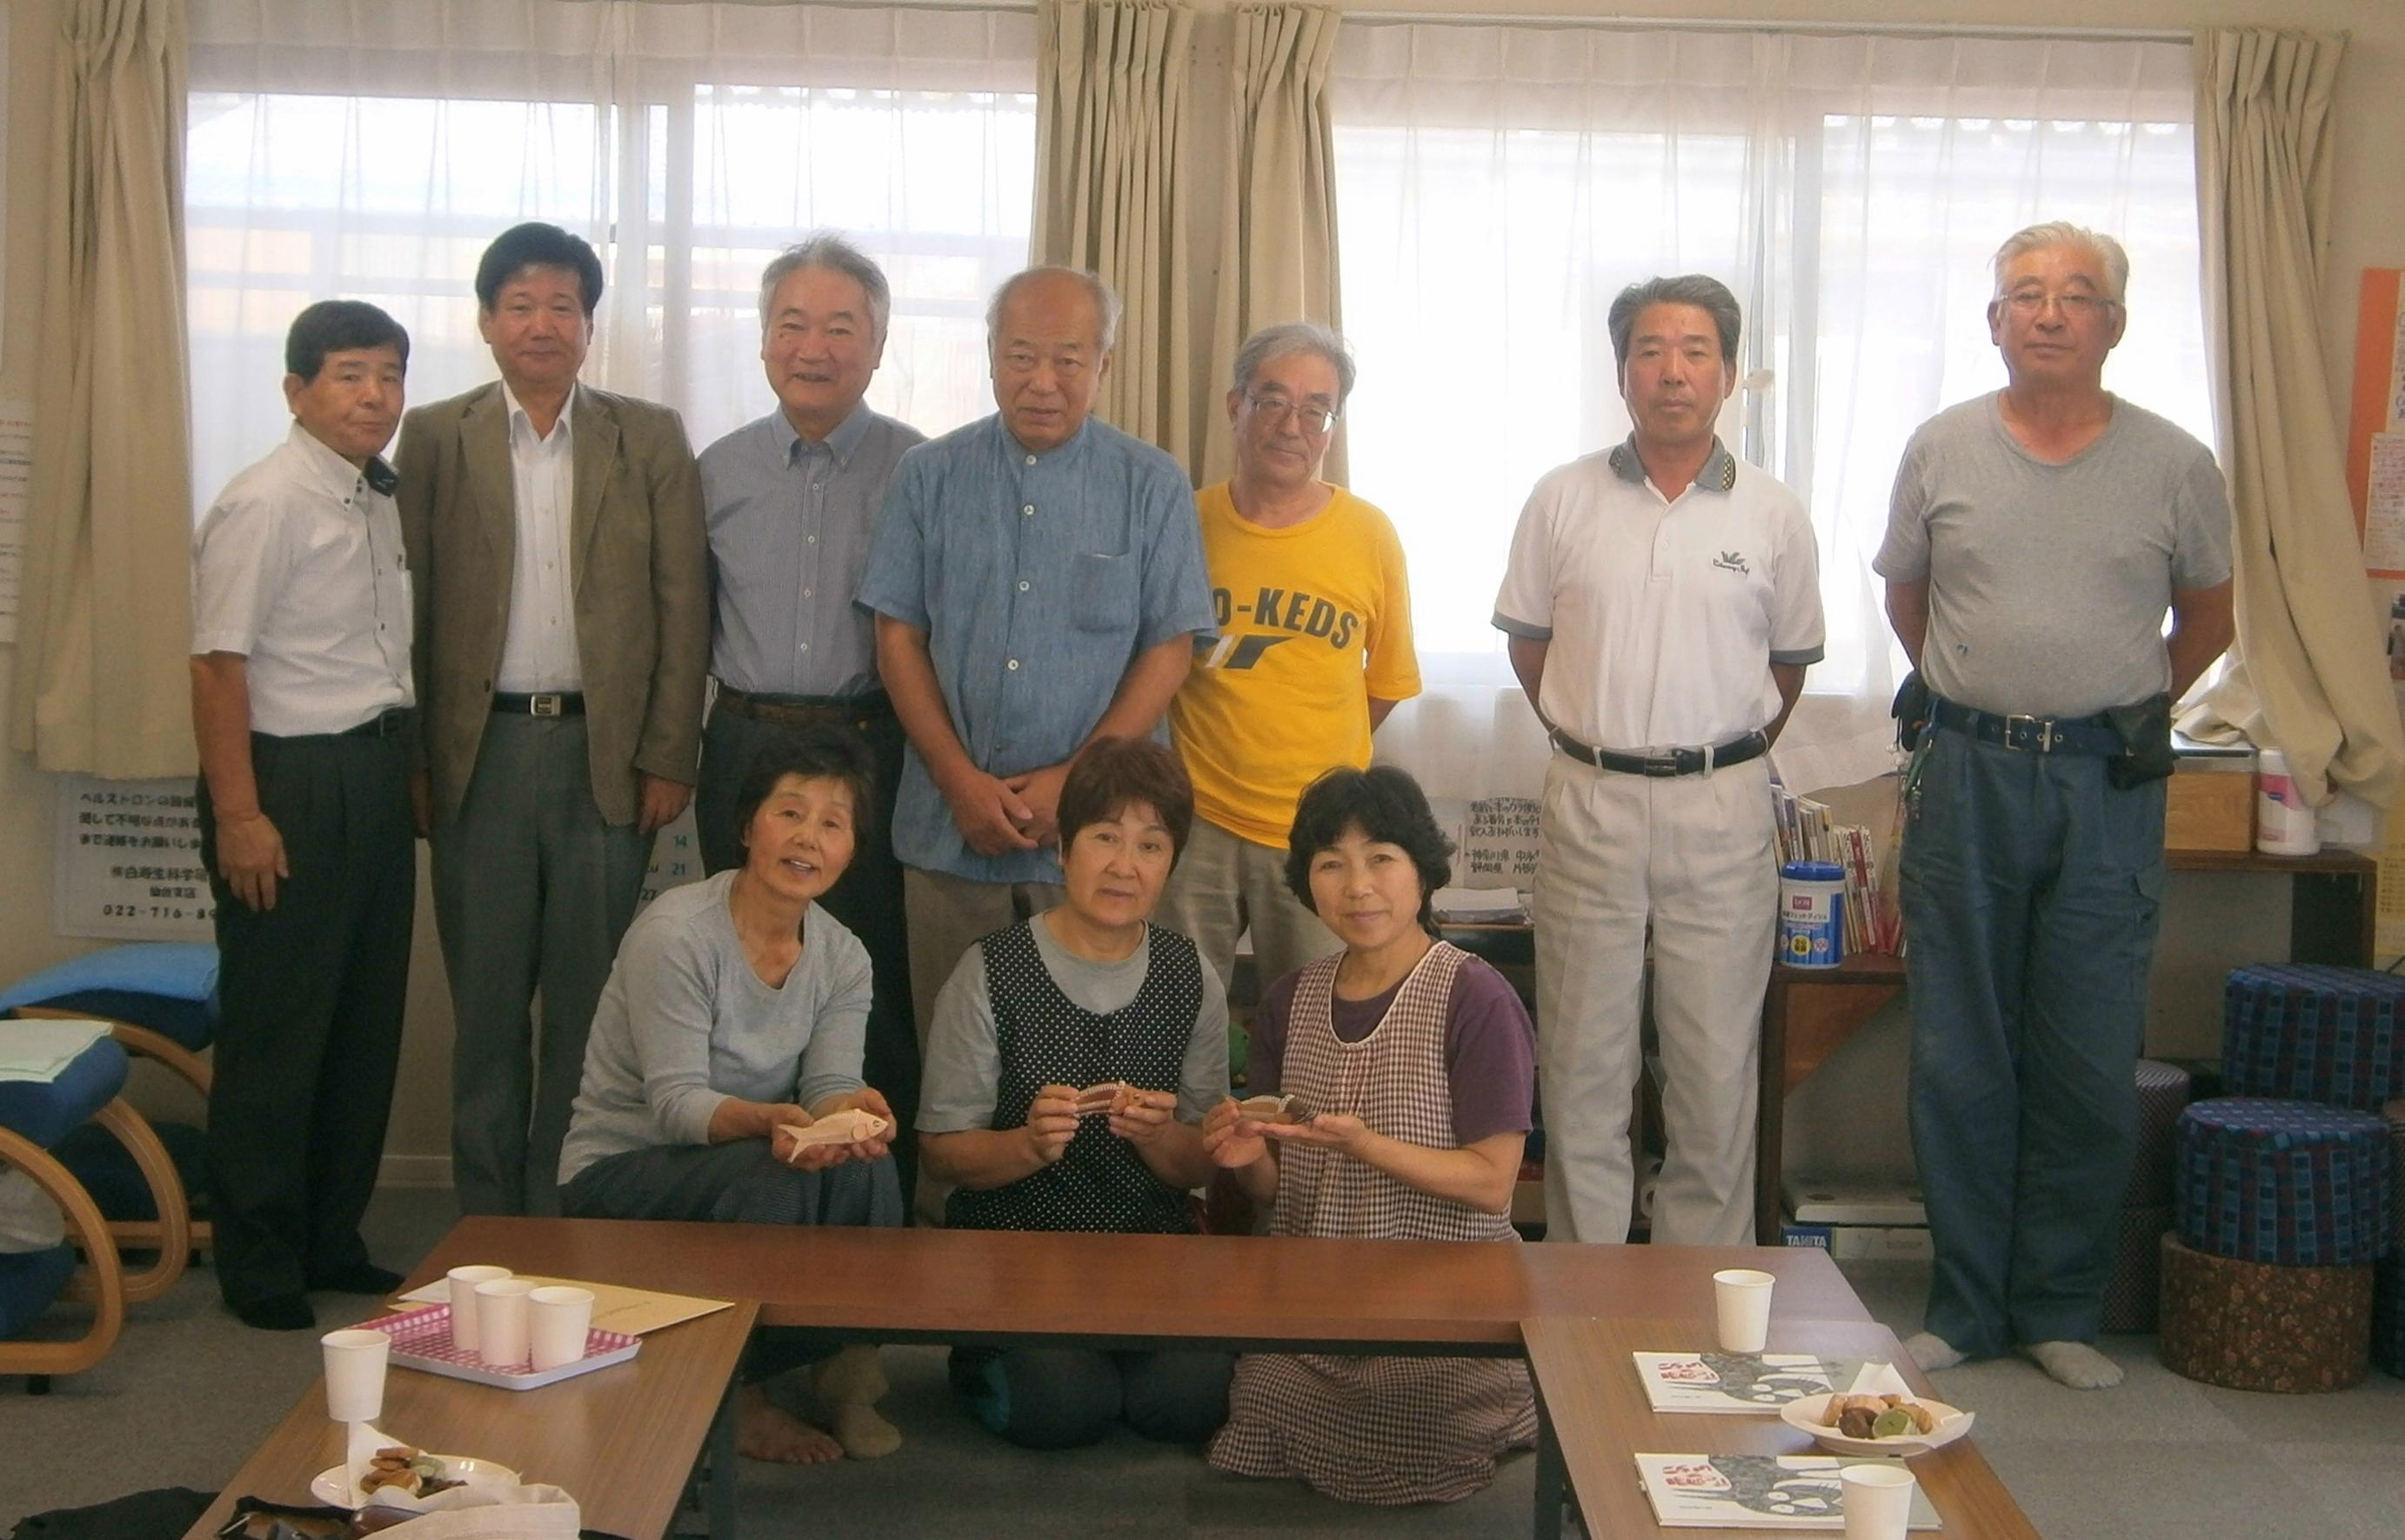 岡田西町仮設住宅自治会のみなさんと記念写真。